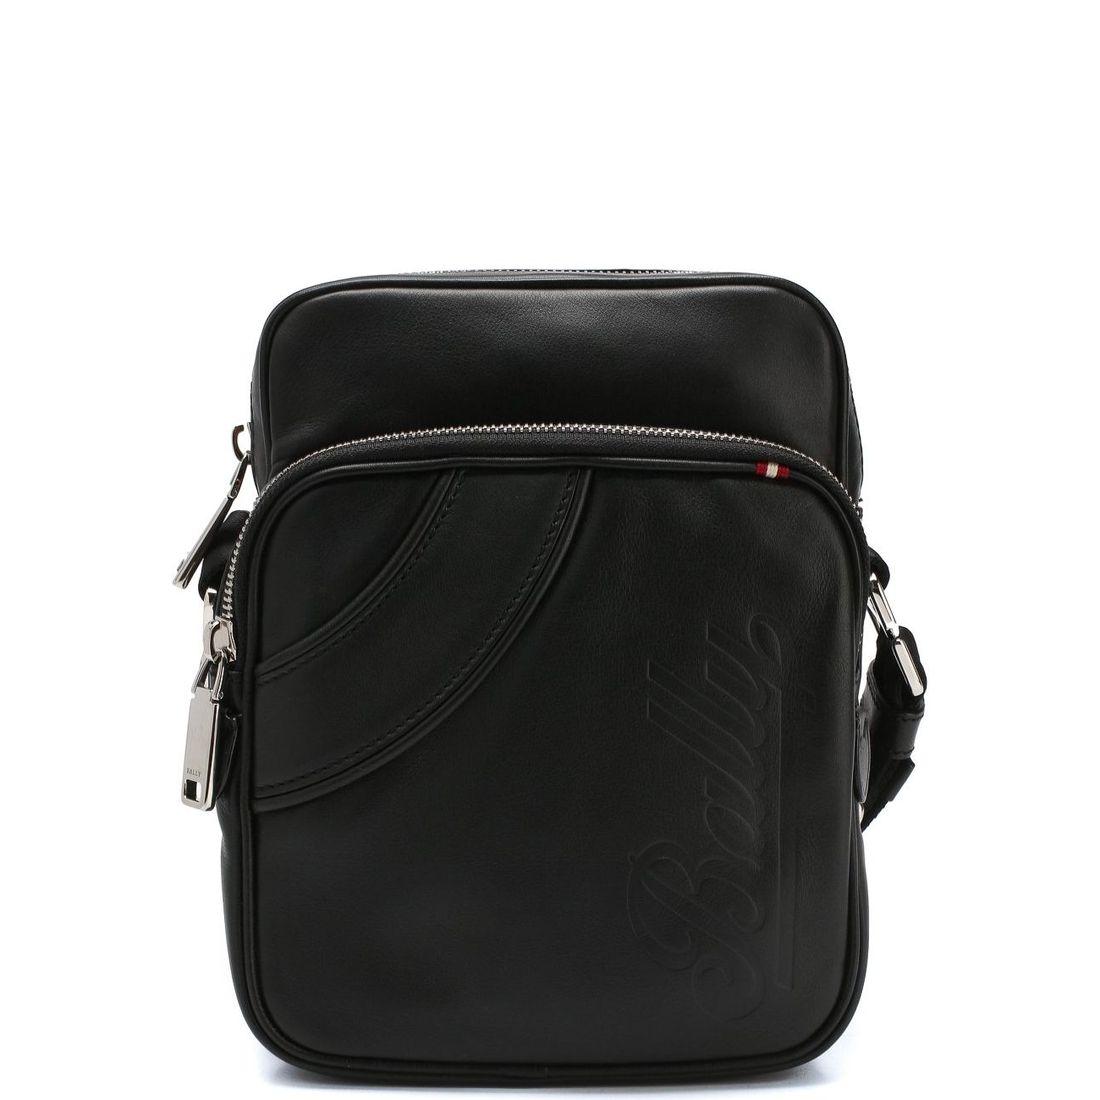 сумки екатеринбург купить бренды